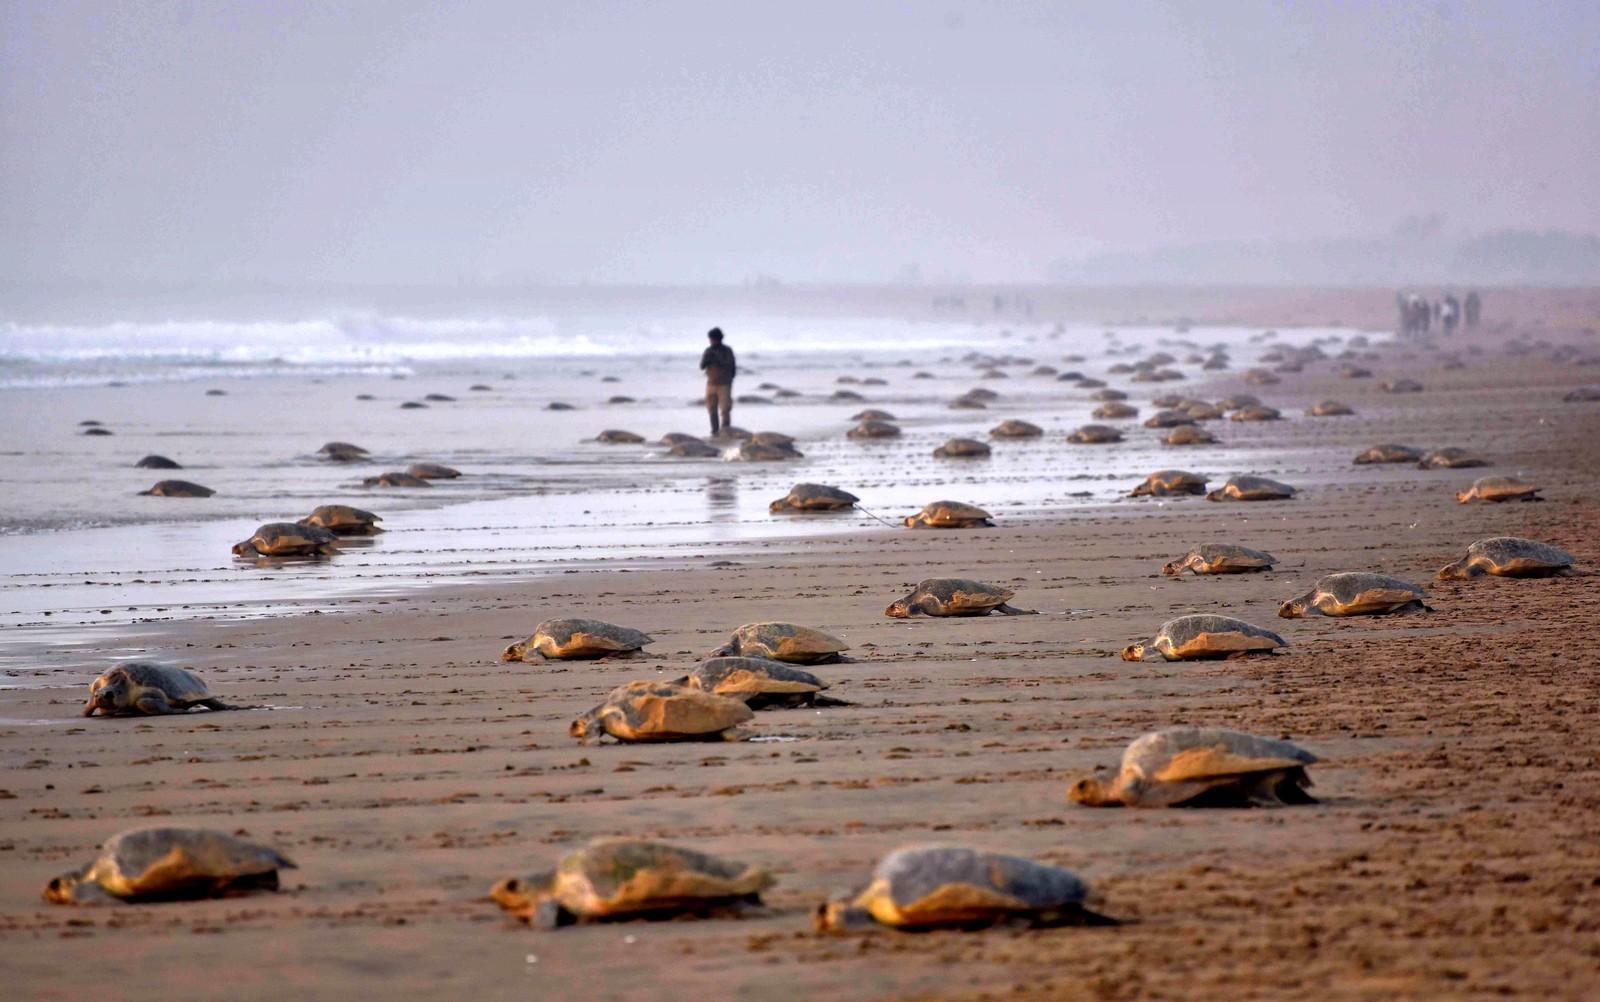 Og her forlater skilpadder Rushikulya-stranden etter å ha lagt egg.